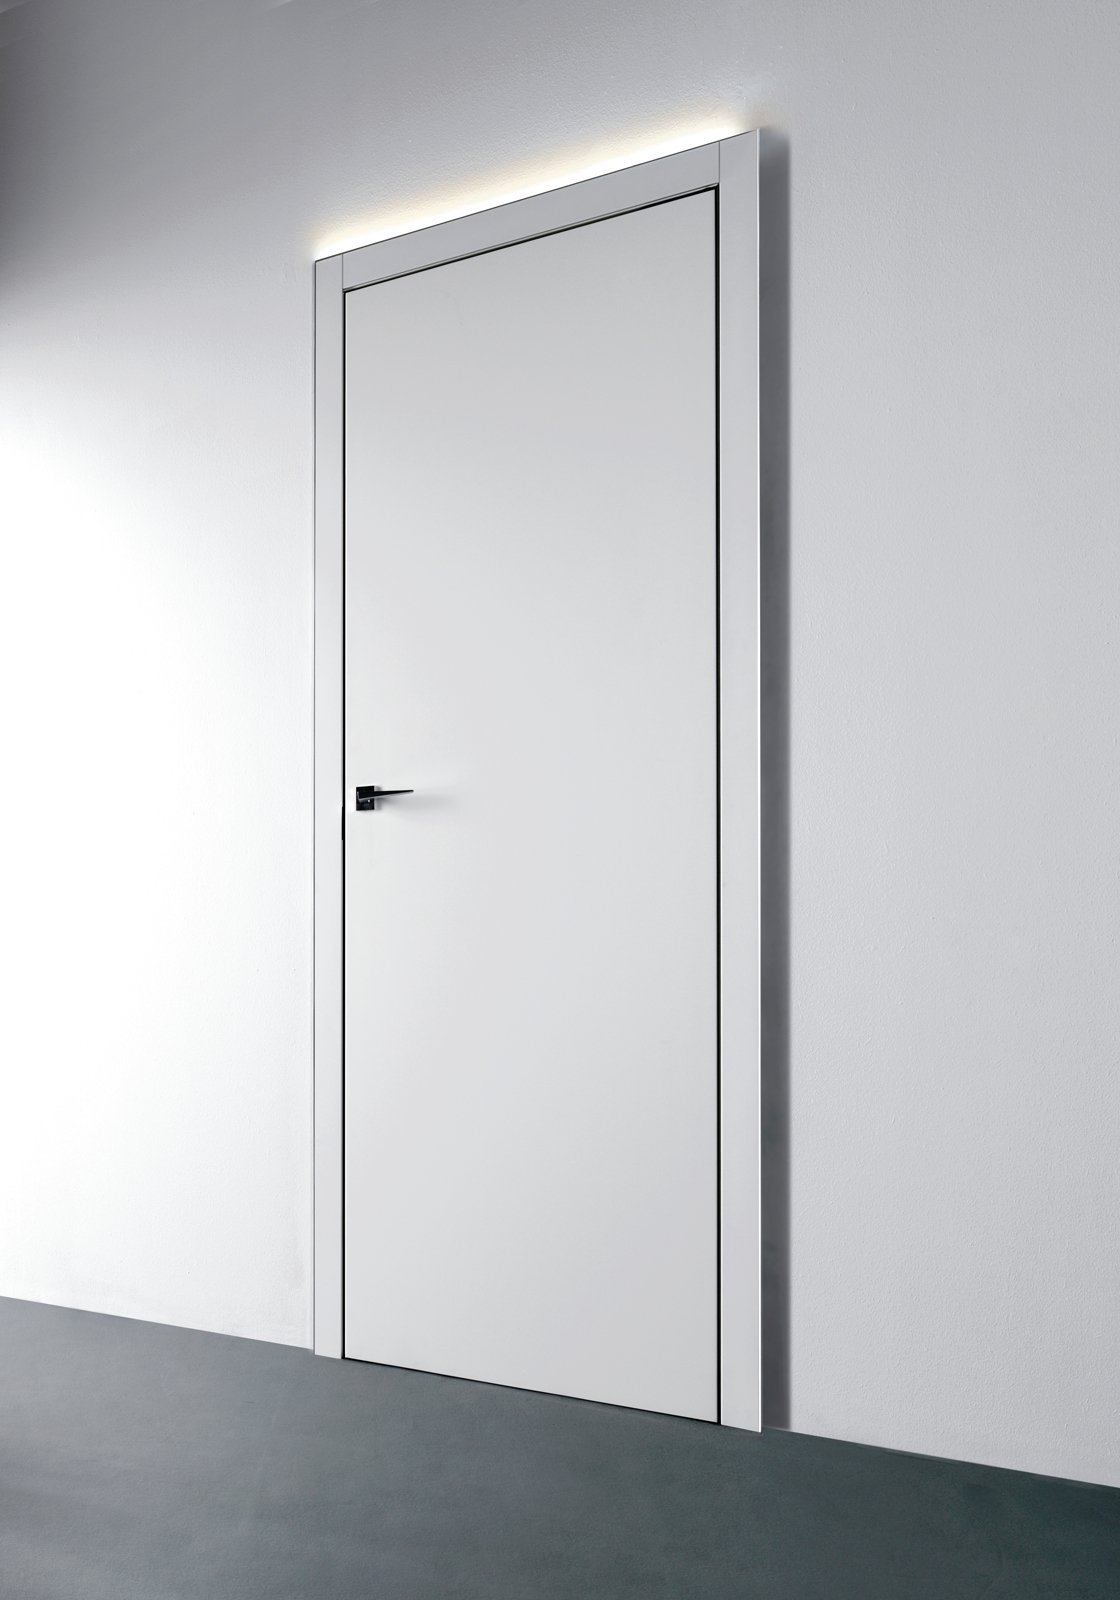 Porte e arredo i consigli su come abbinare stili e - Porte per la casa ...